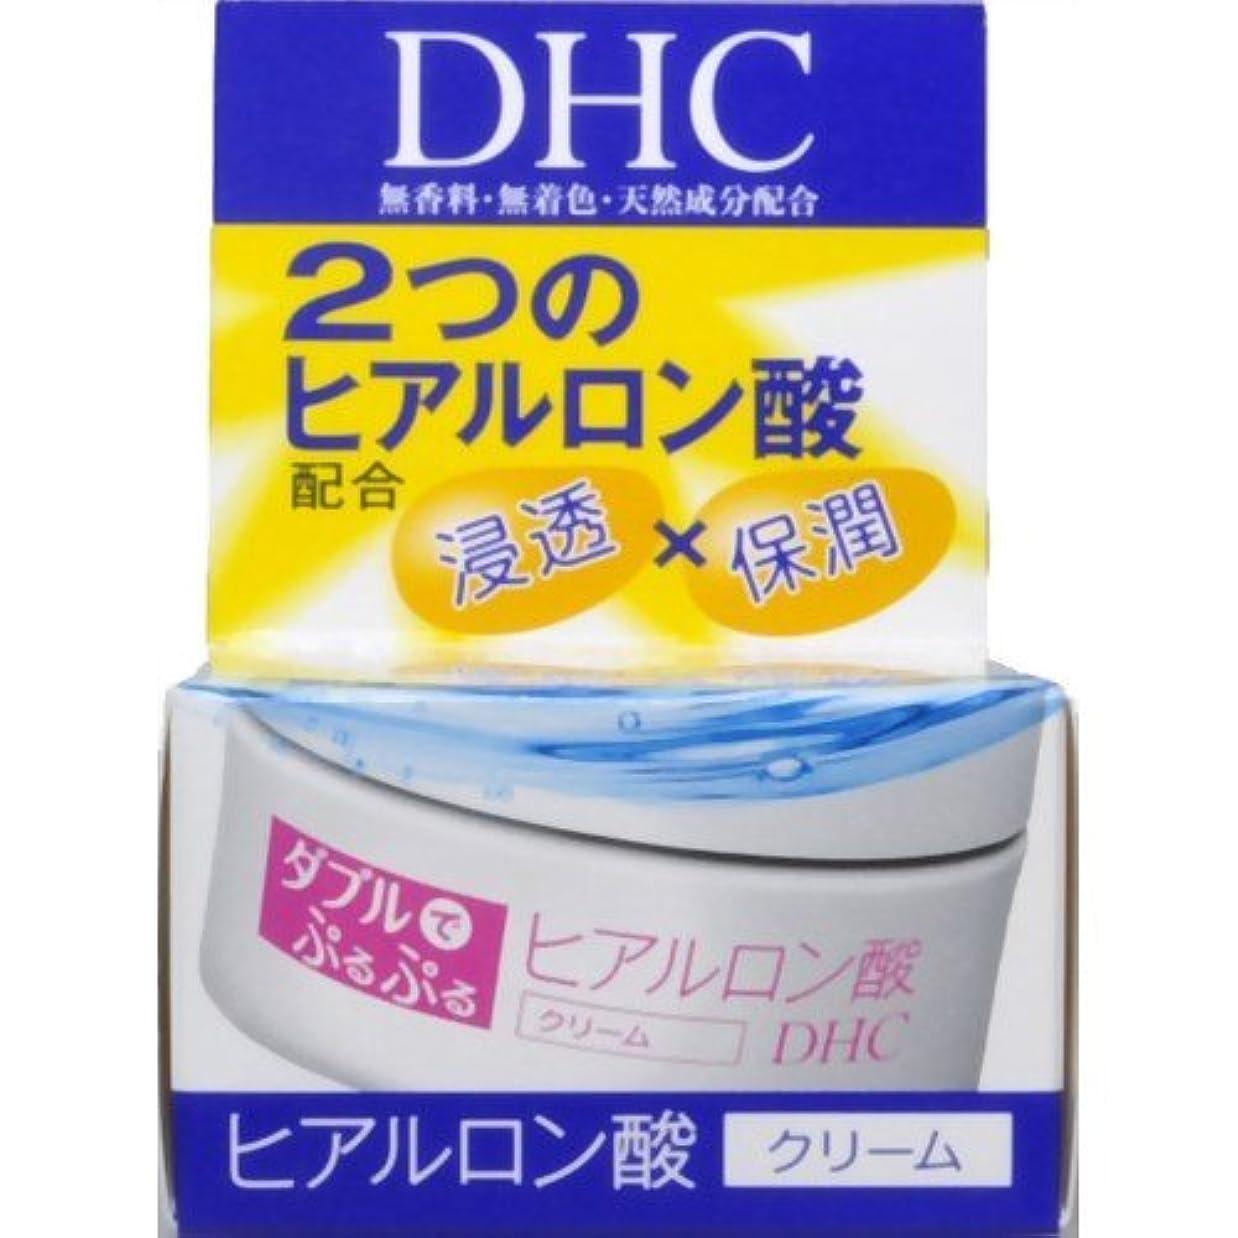 メンタリティ機関車晩ごはんDHC ダブルモイスチュアクリーム 50g